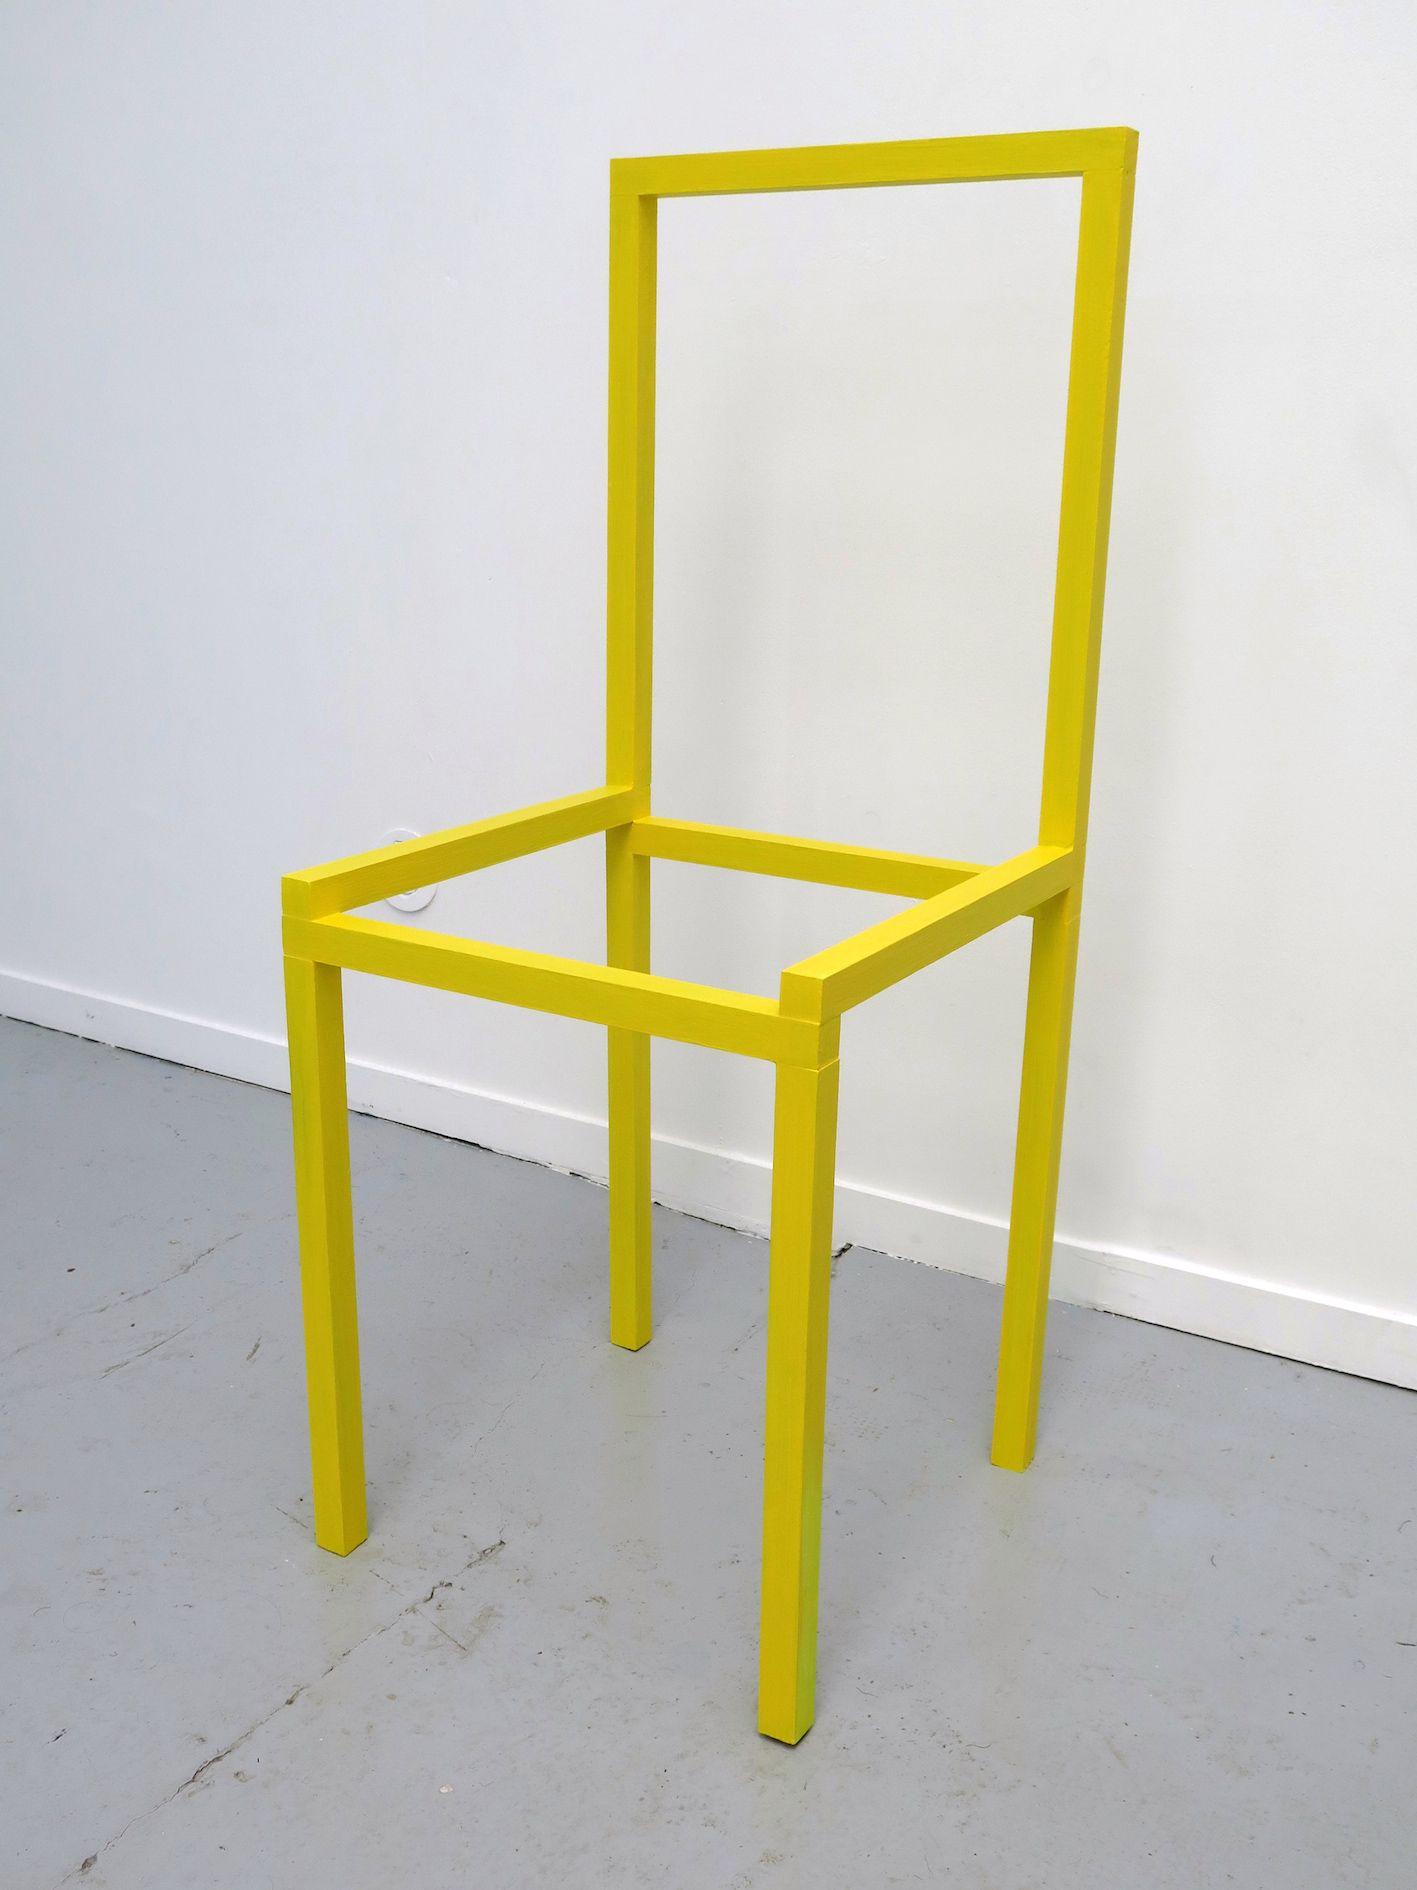 gilles-ellie-chaise-jaune-2016-bois-peinture-acrylique-98x40x40cm-01ced6ad8c017d0dcc3693cc0ca689b4